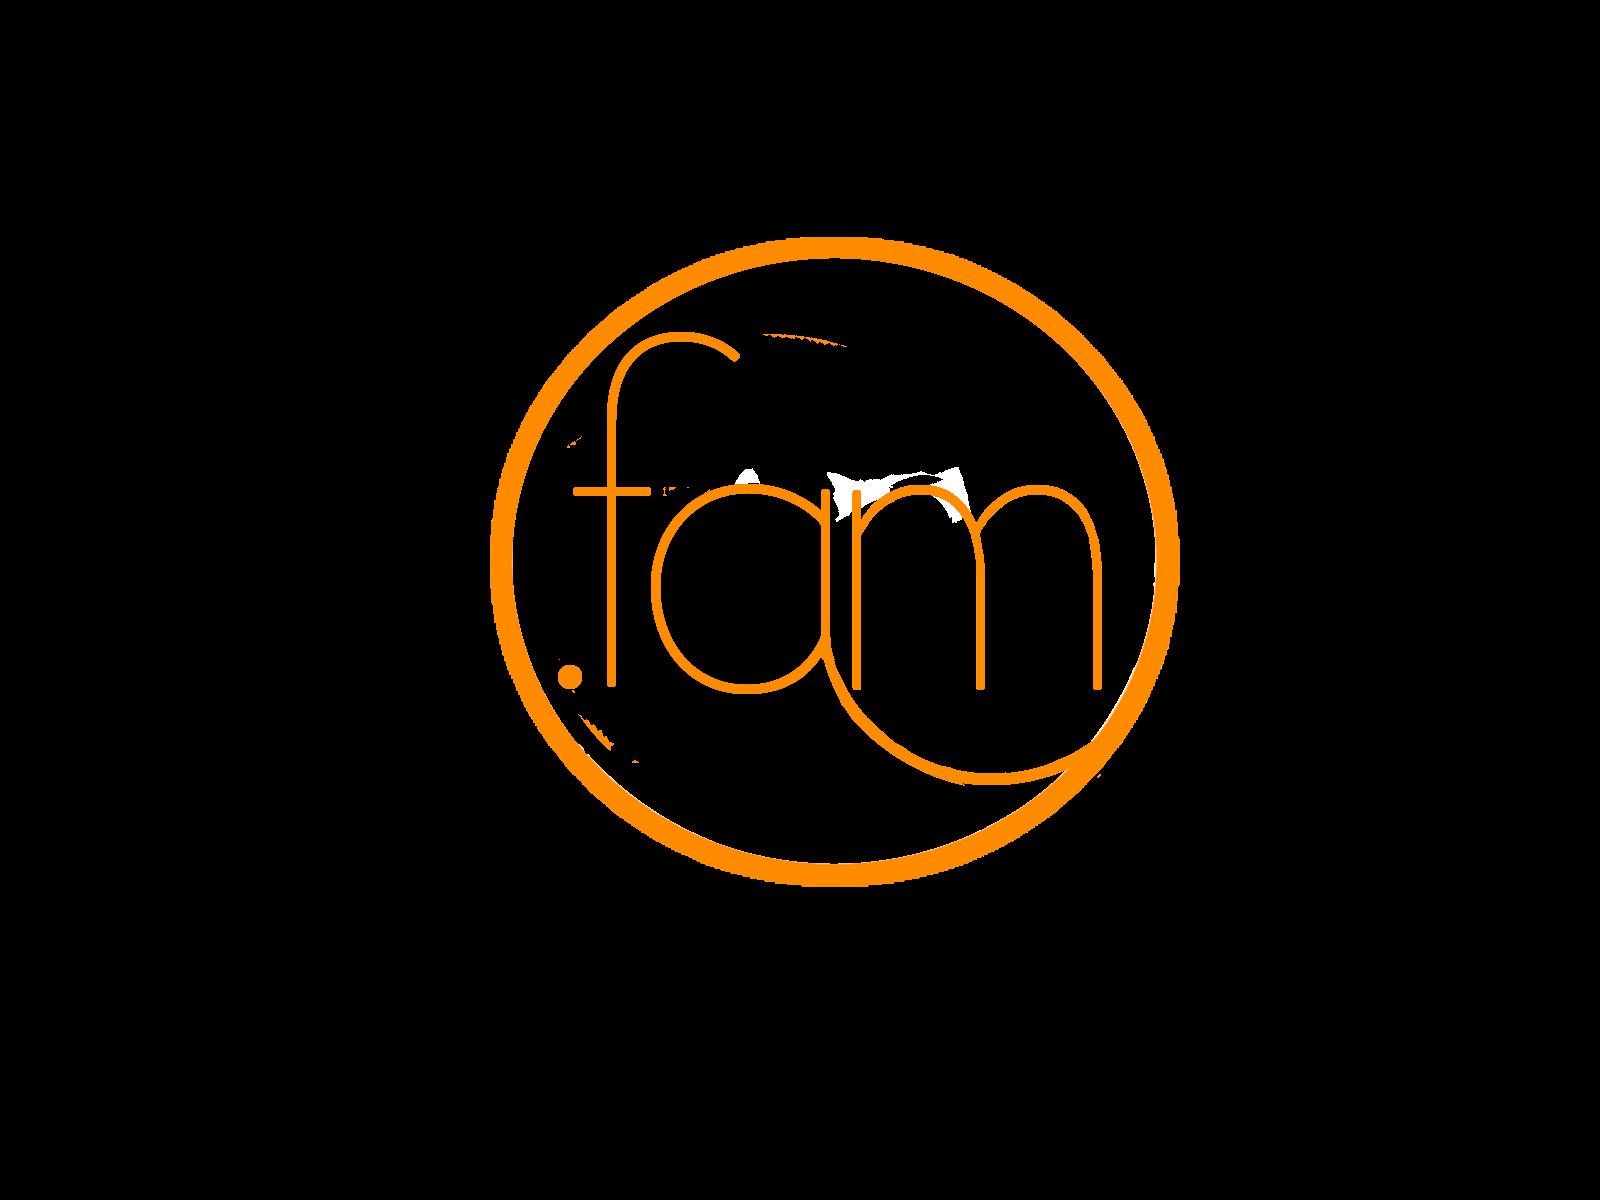 DotFam